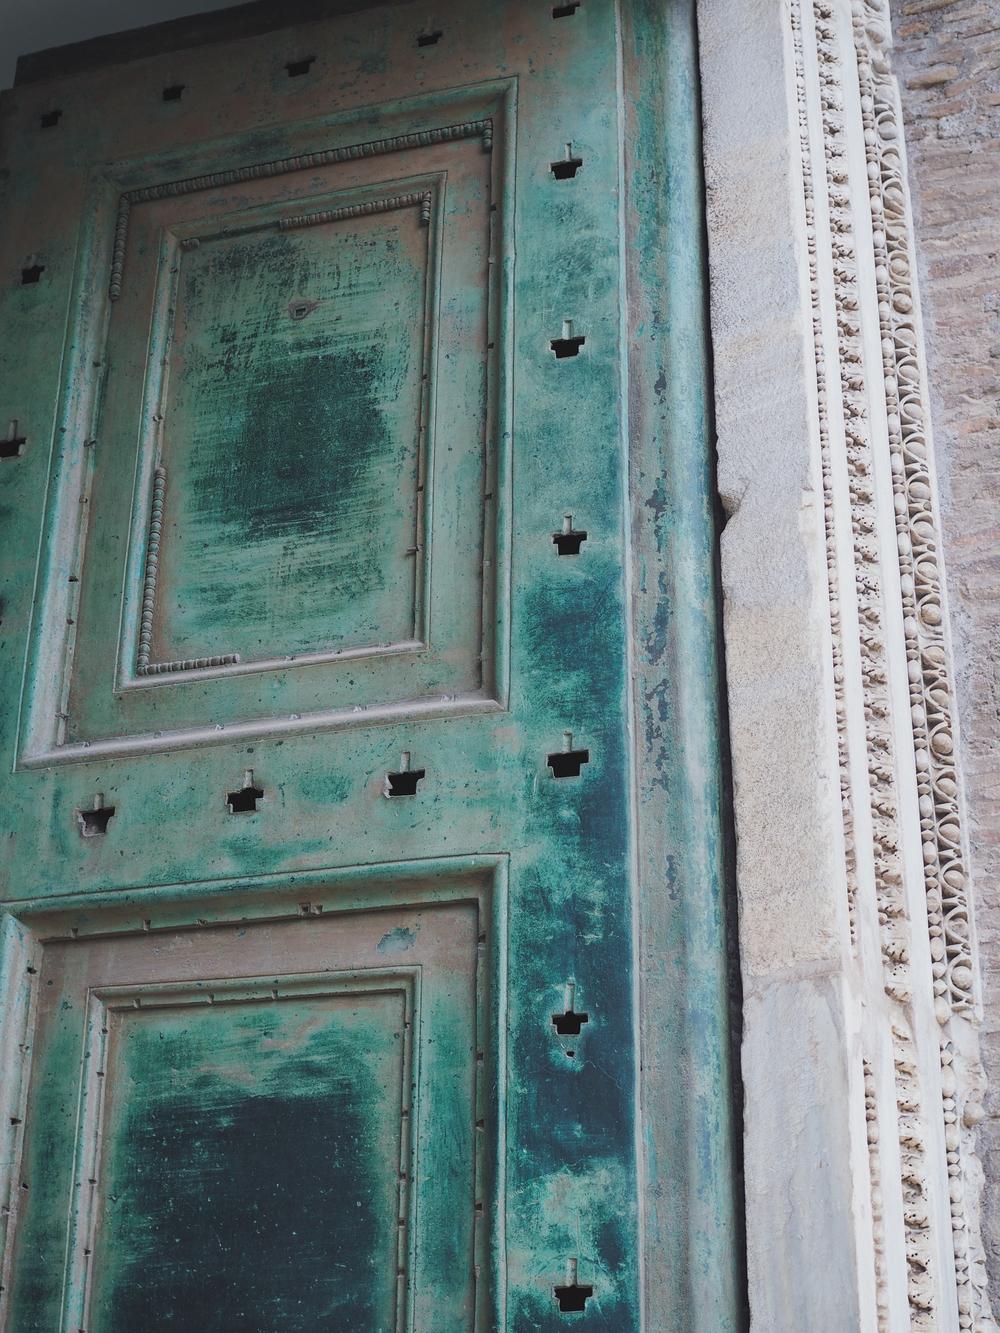 rome-italy-photo-diary-3-09